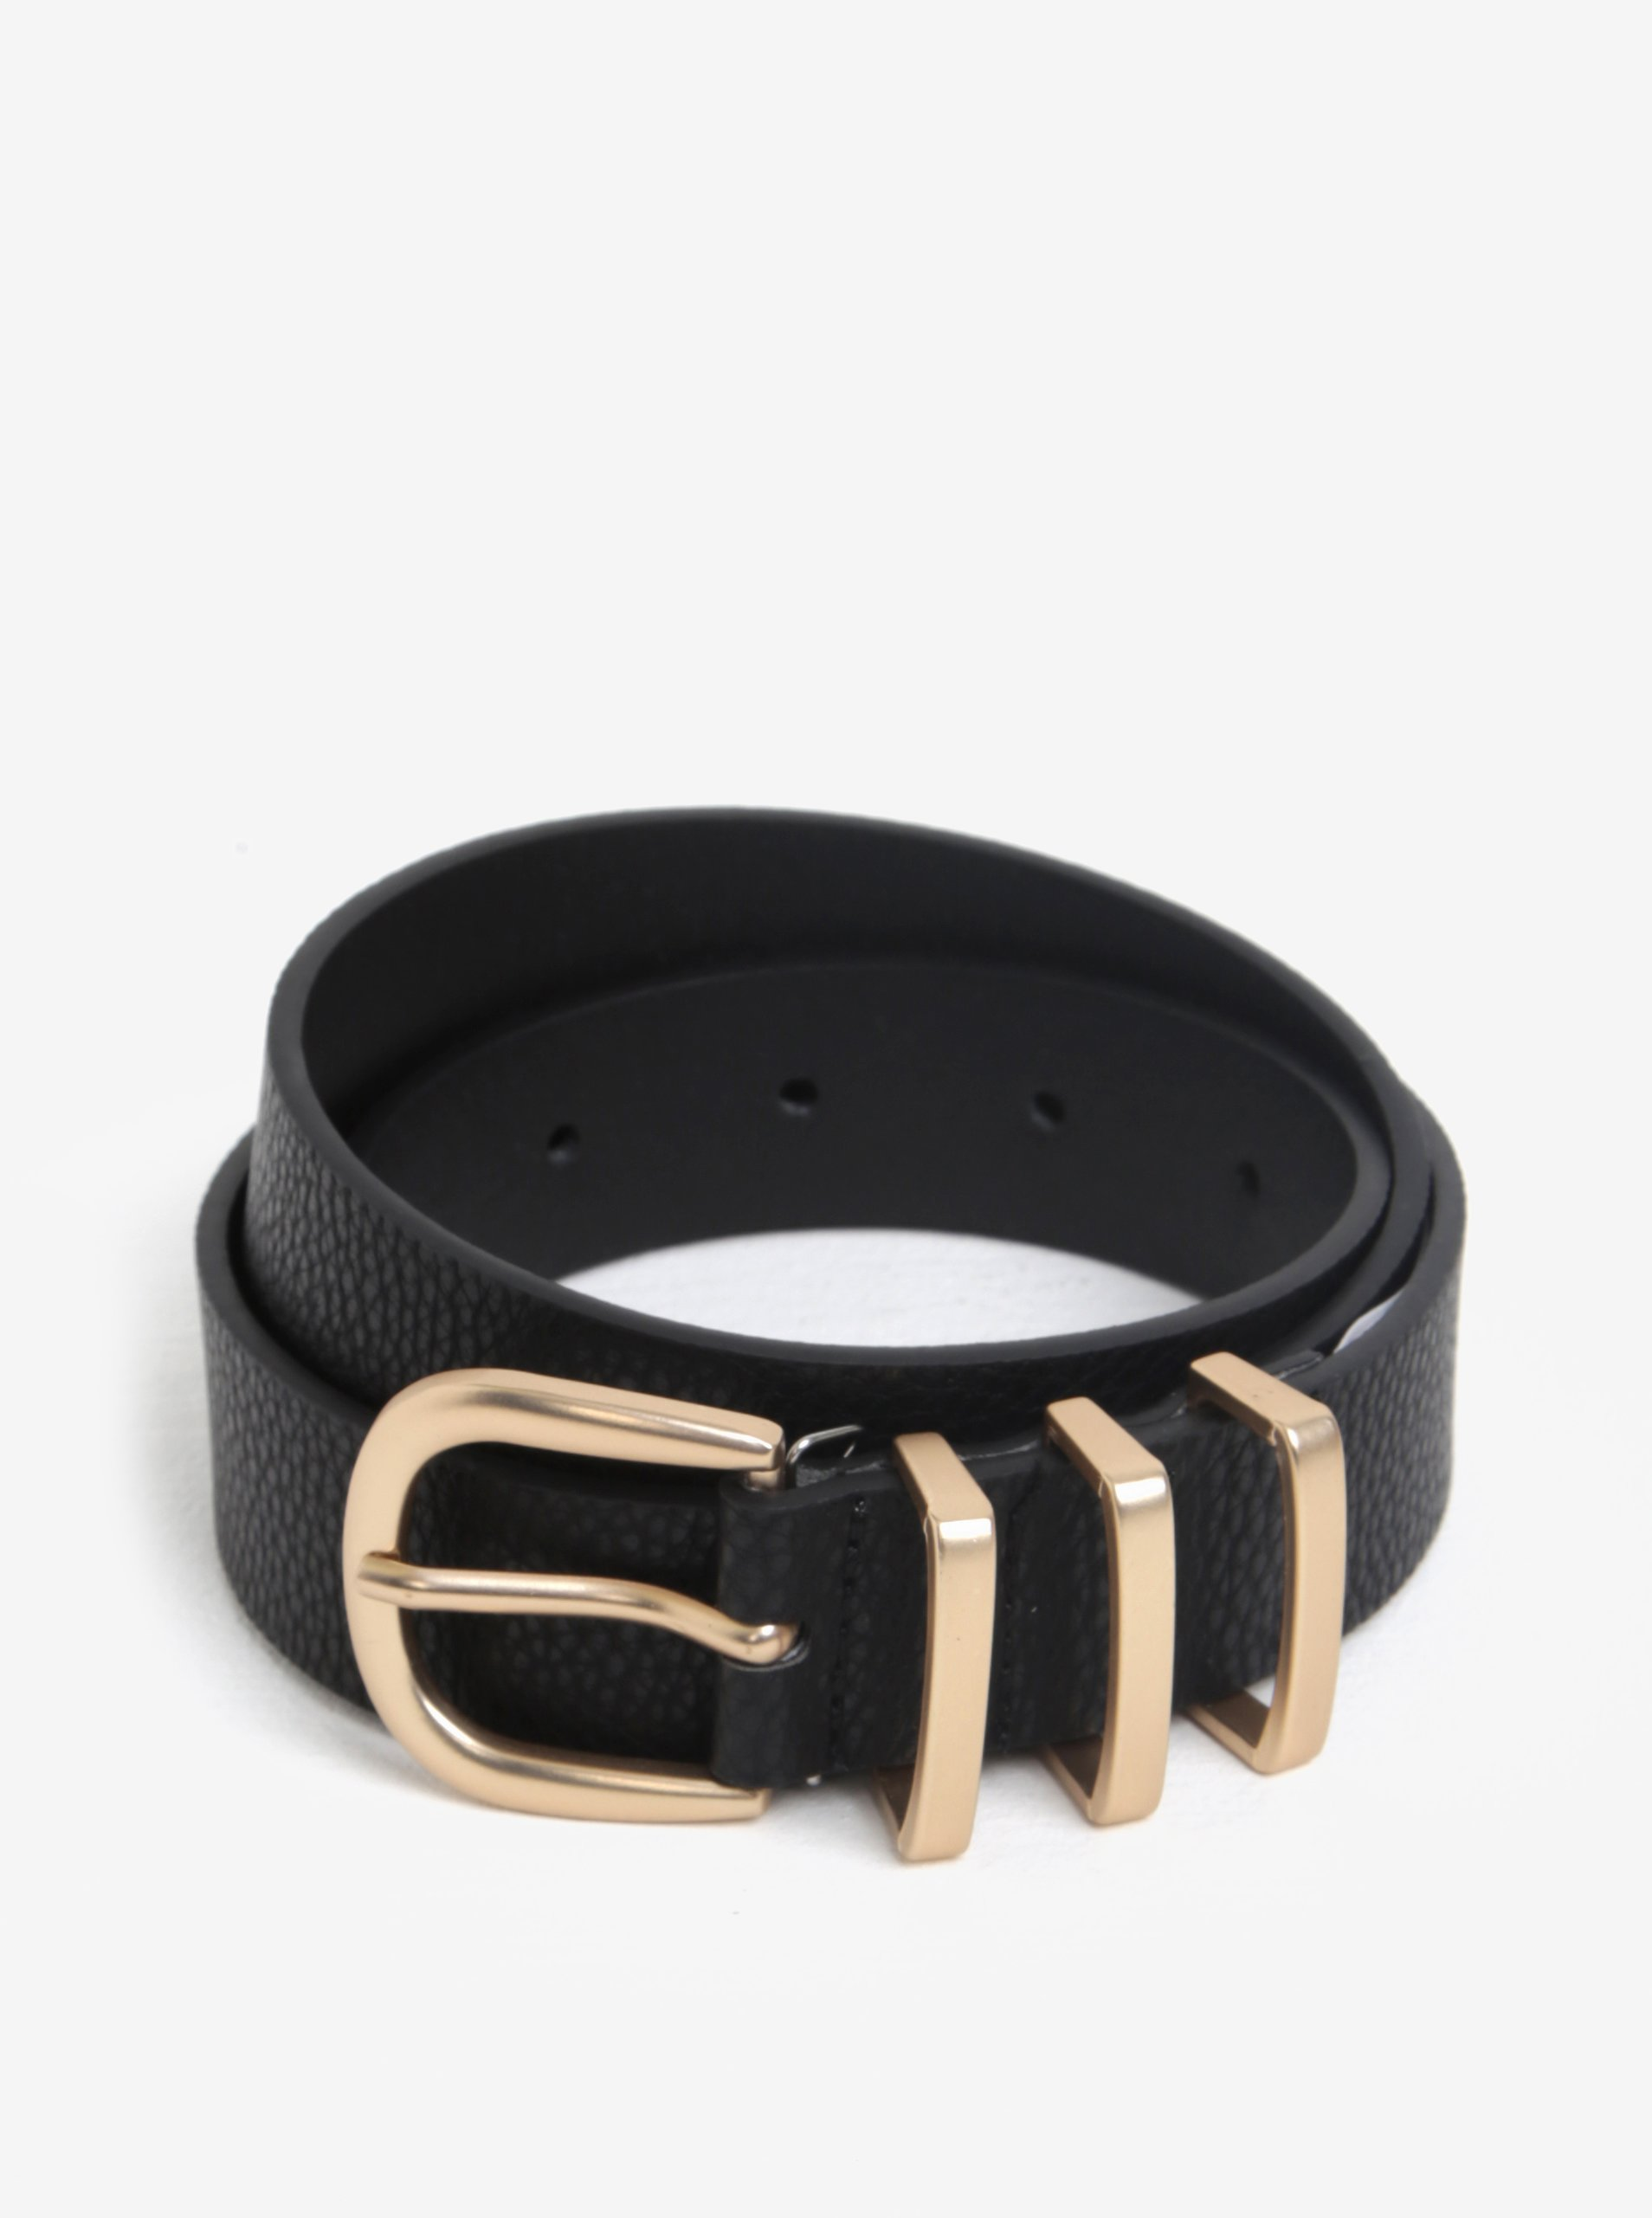 Černý pásek s přezkou ve zlaté barvě Pieces Lea